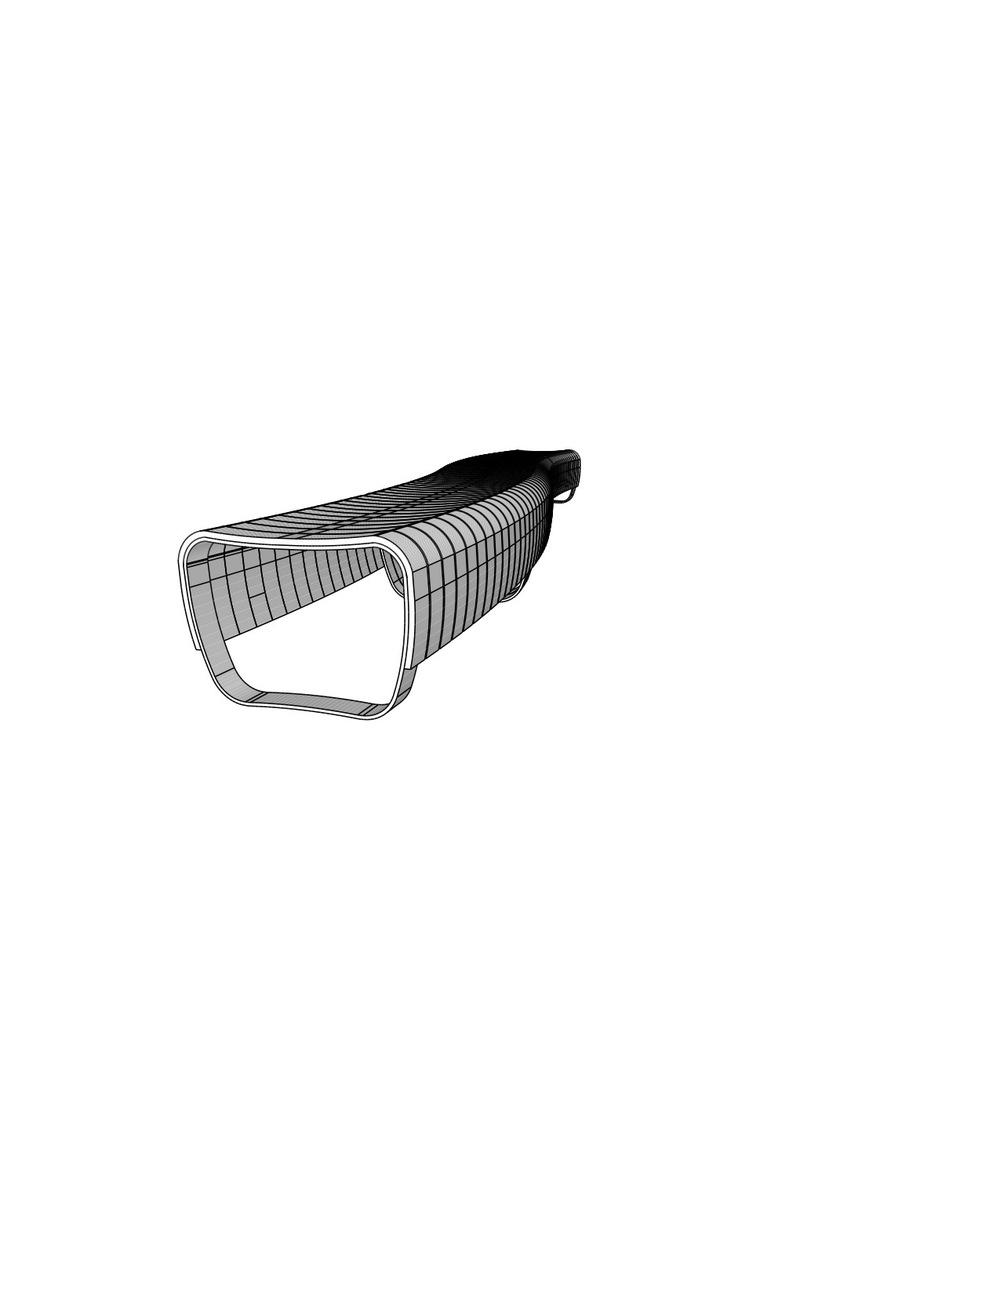 CIIS Benches 2.jpg